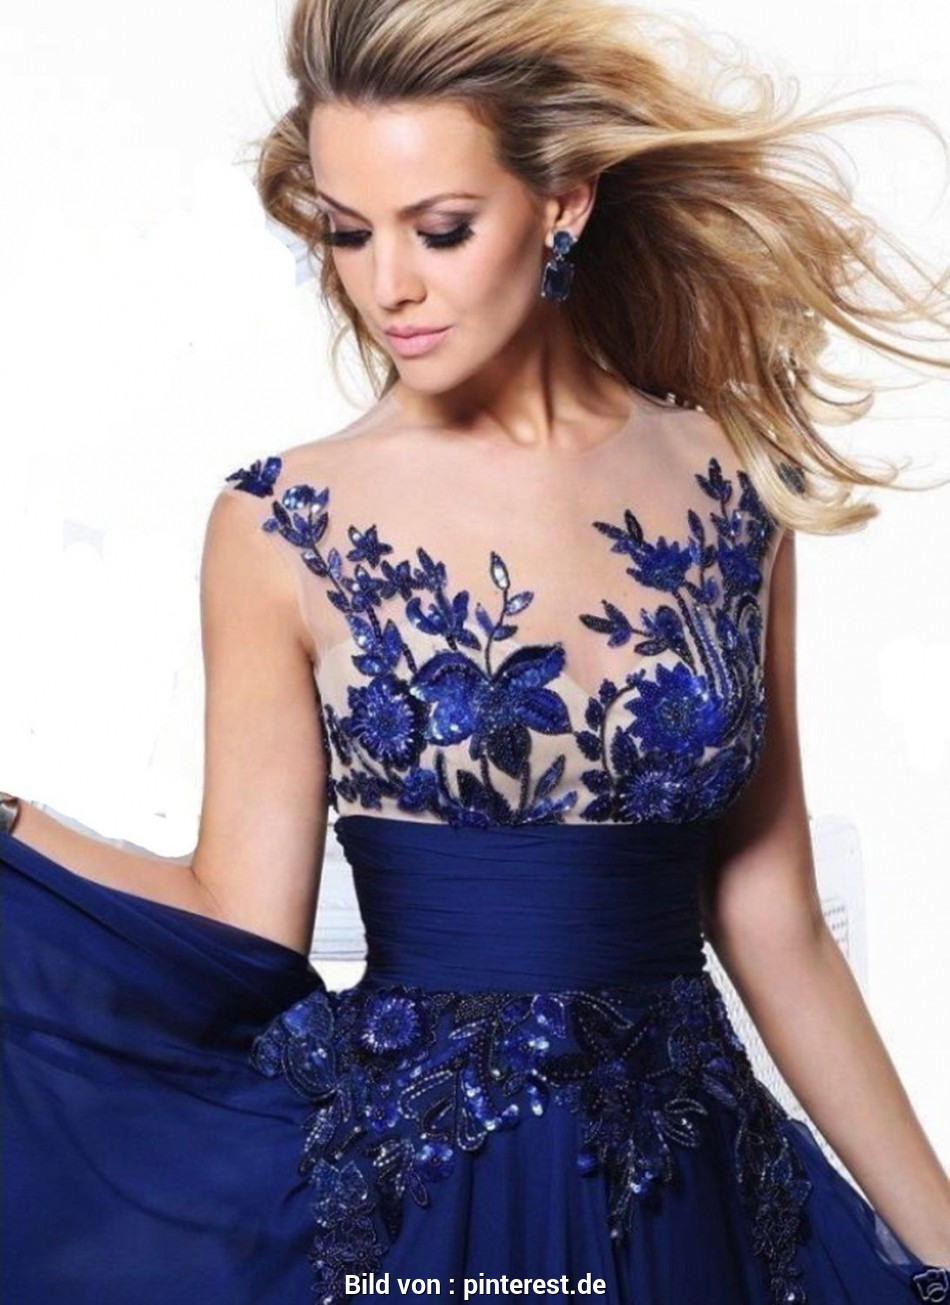 17 Ausgezeichnet Abendkleid Festlich Lang Vertrieb Luxus Abendkleid Festlich Lang Spezialgebiet